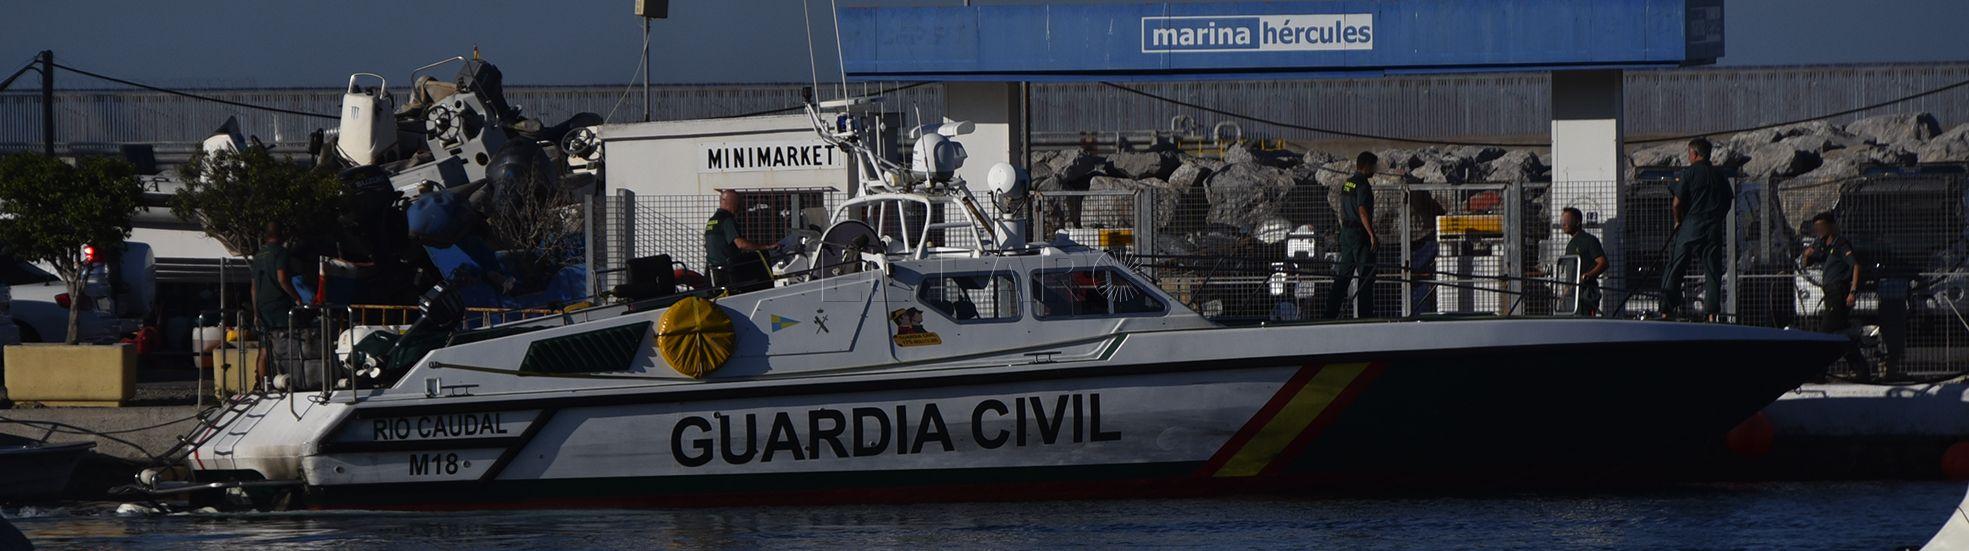 guardia-civil-puerto-narcolancha